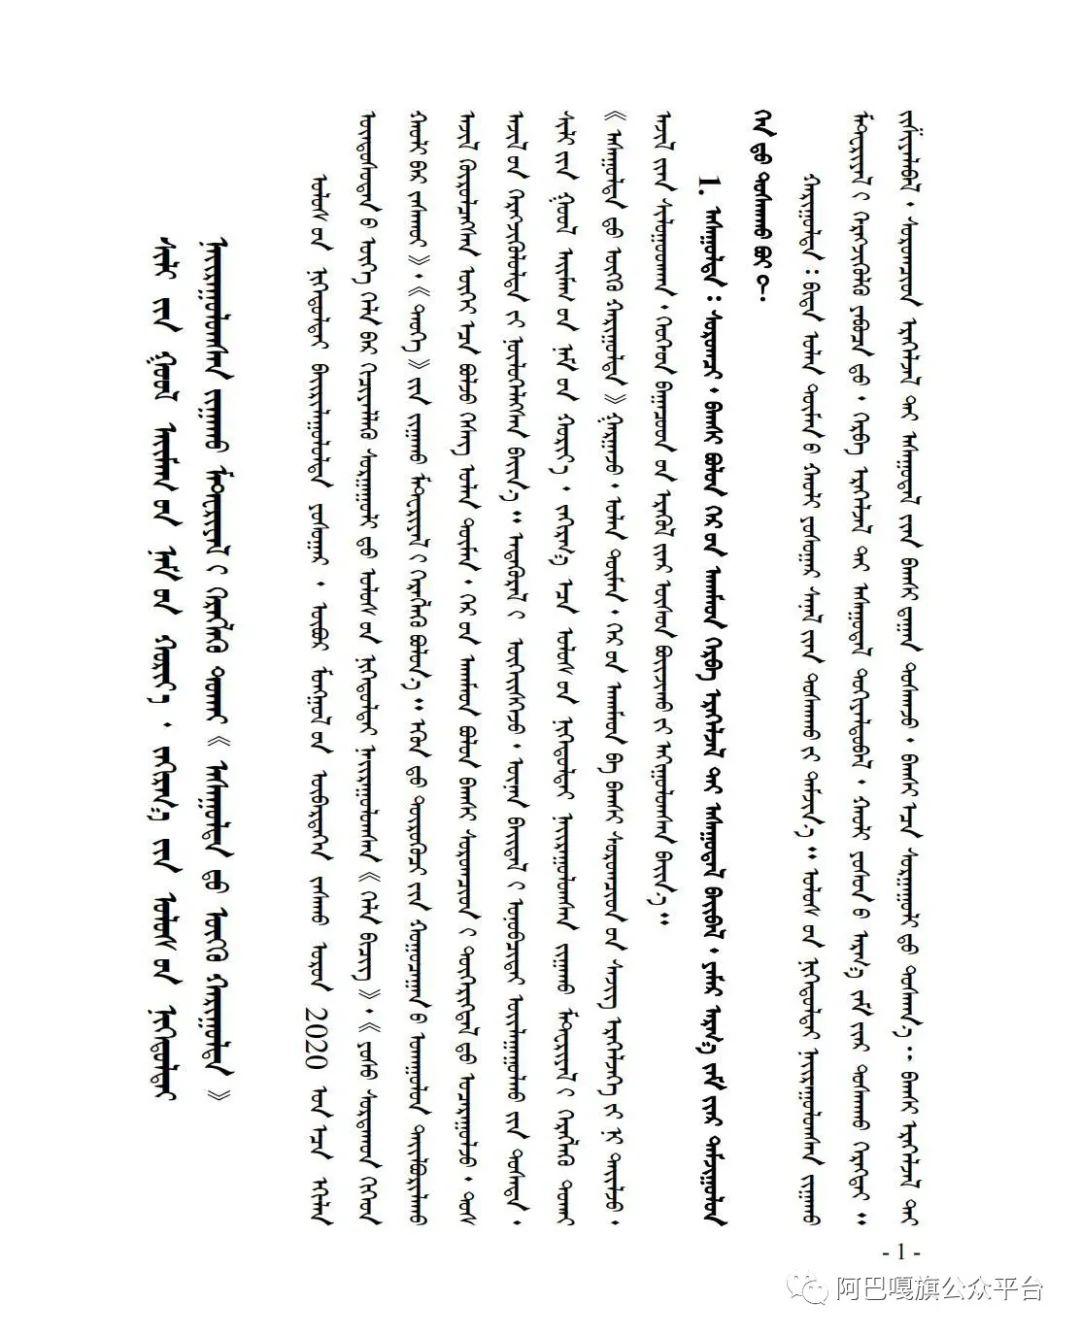 """锡林郭勒盟使用国家统编教材""""有问必答""""(第一期)(蒙汉文) 第1张 锡林郭勒盟使用国家统编教材""""有问必答""""(第一期)(蒙汉文) 蒙古文库"""